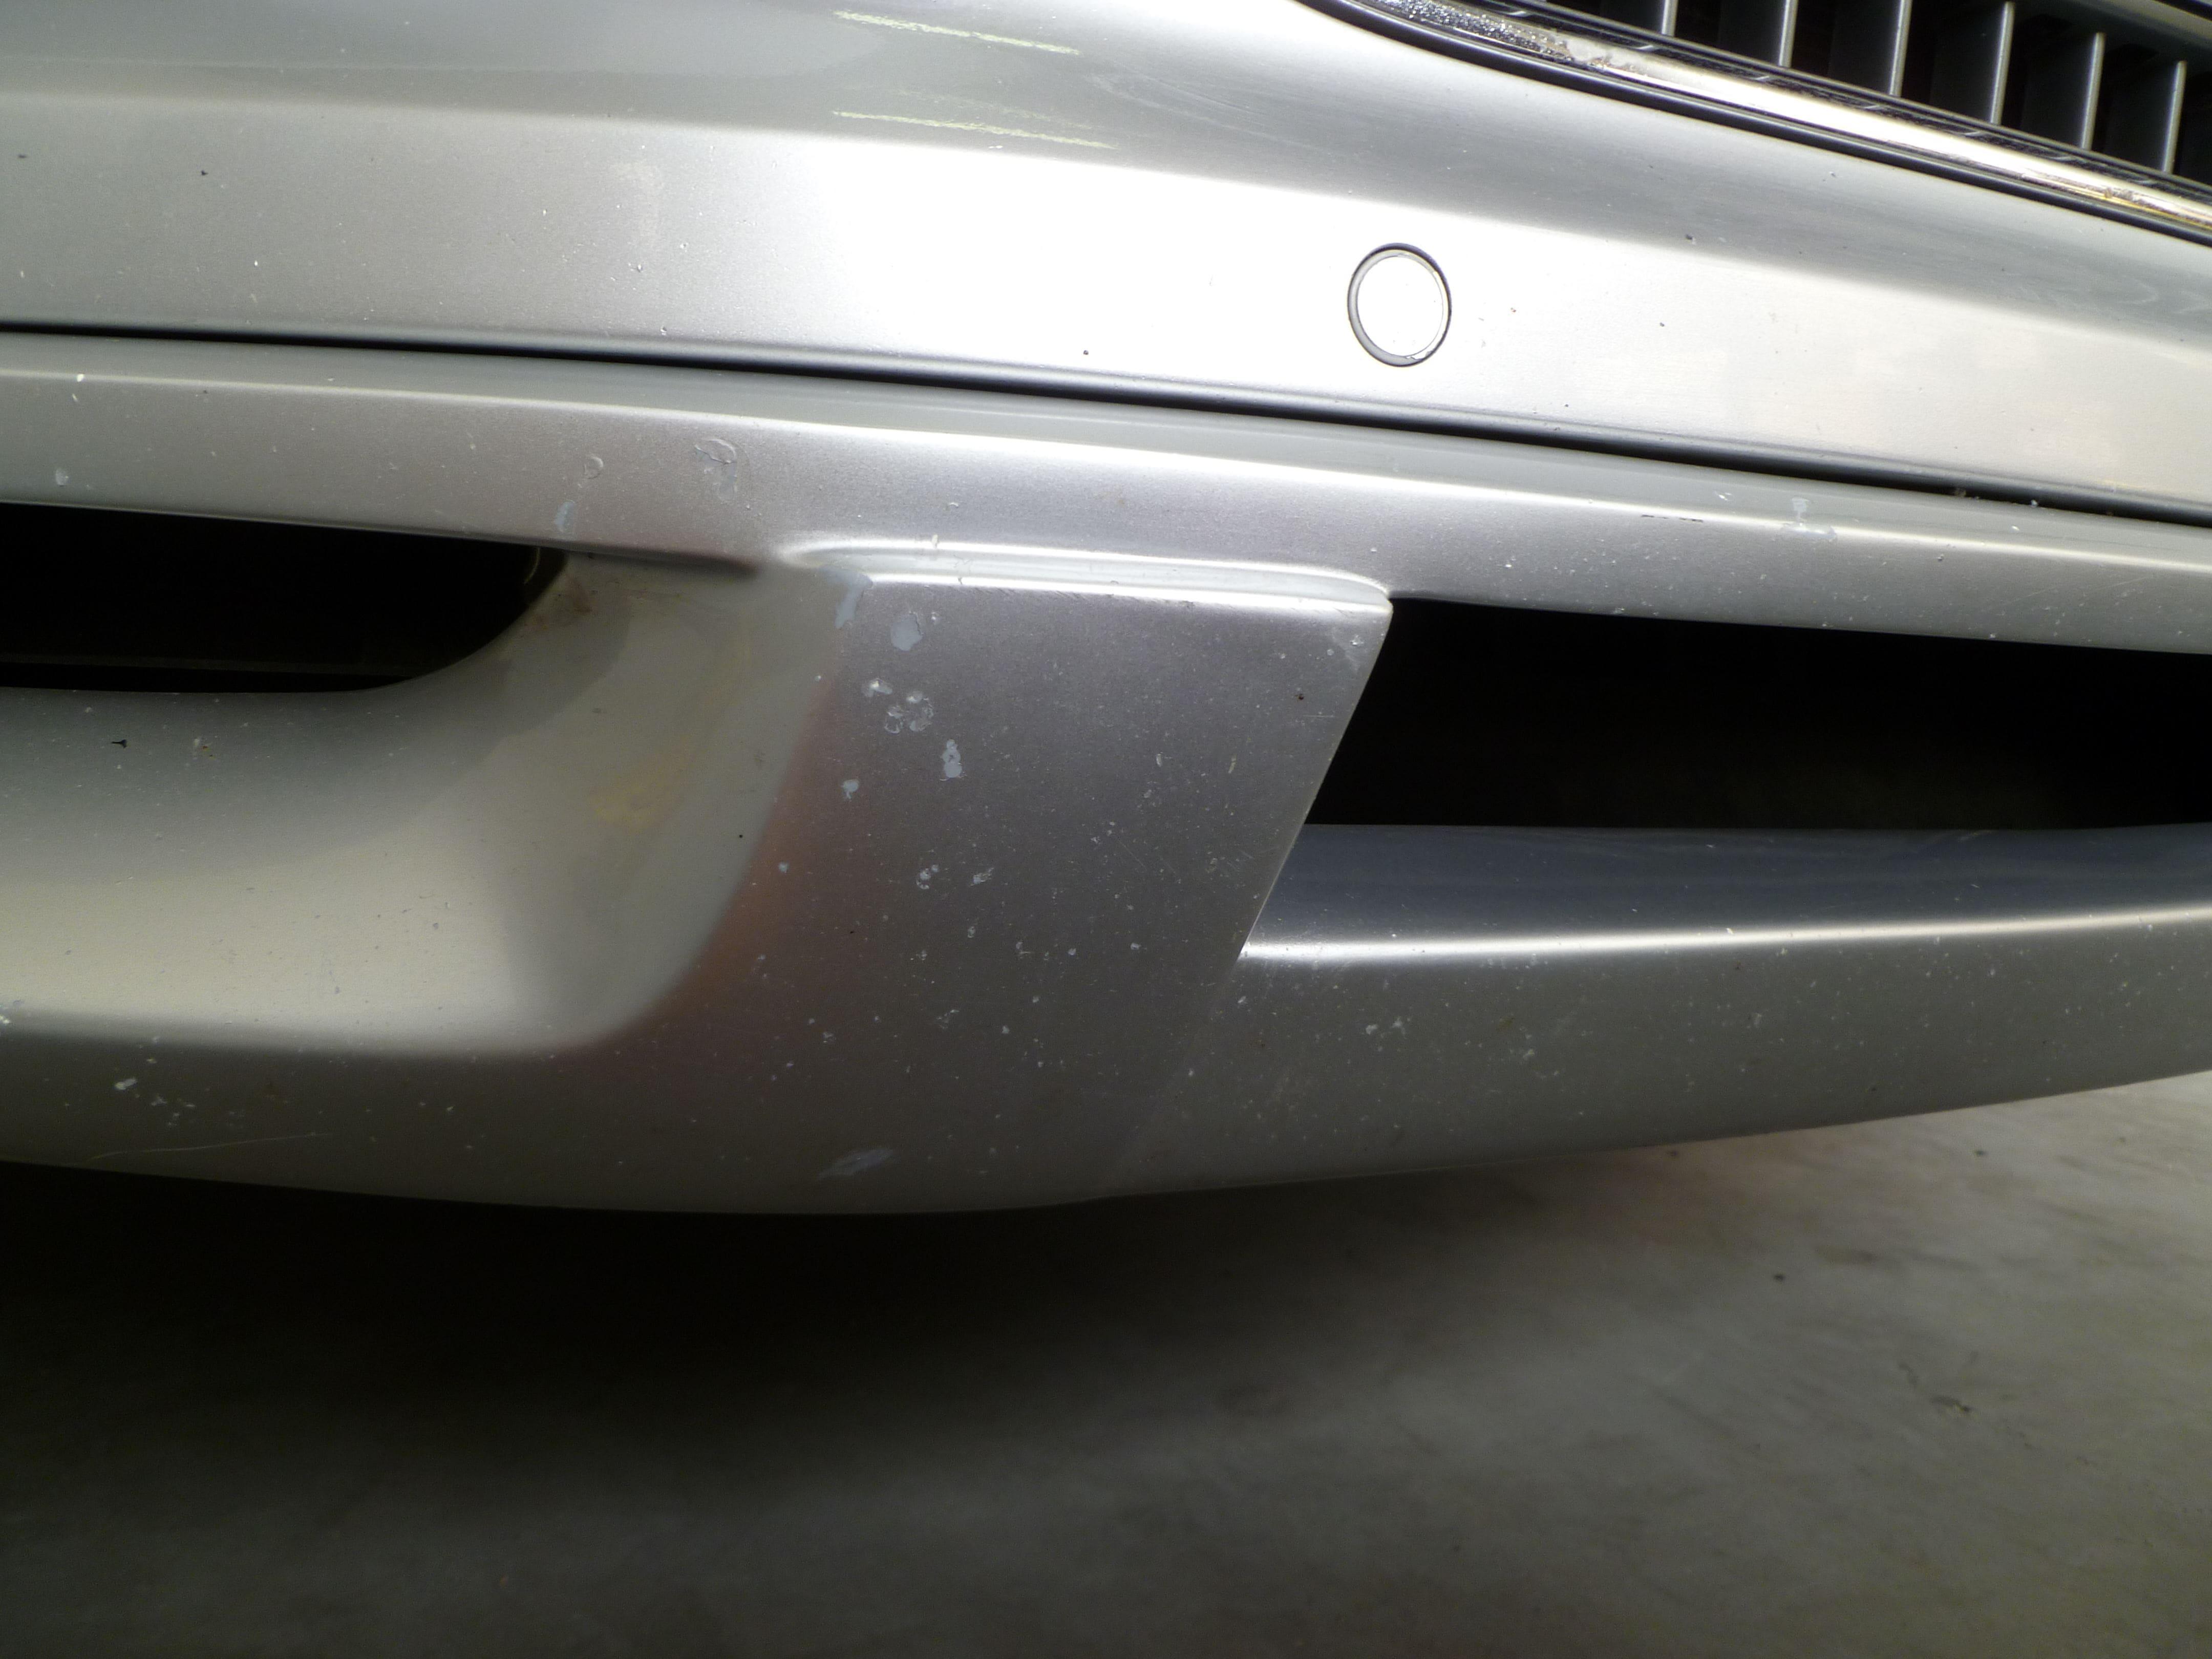 Audi Q7 met Mat Witte Wrap, Carwrapping door Wrapmyride.nu Foto-nr:4986, ©2021